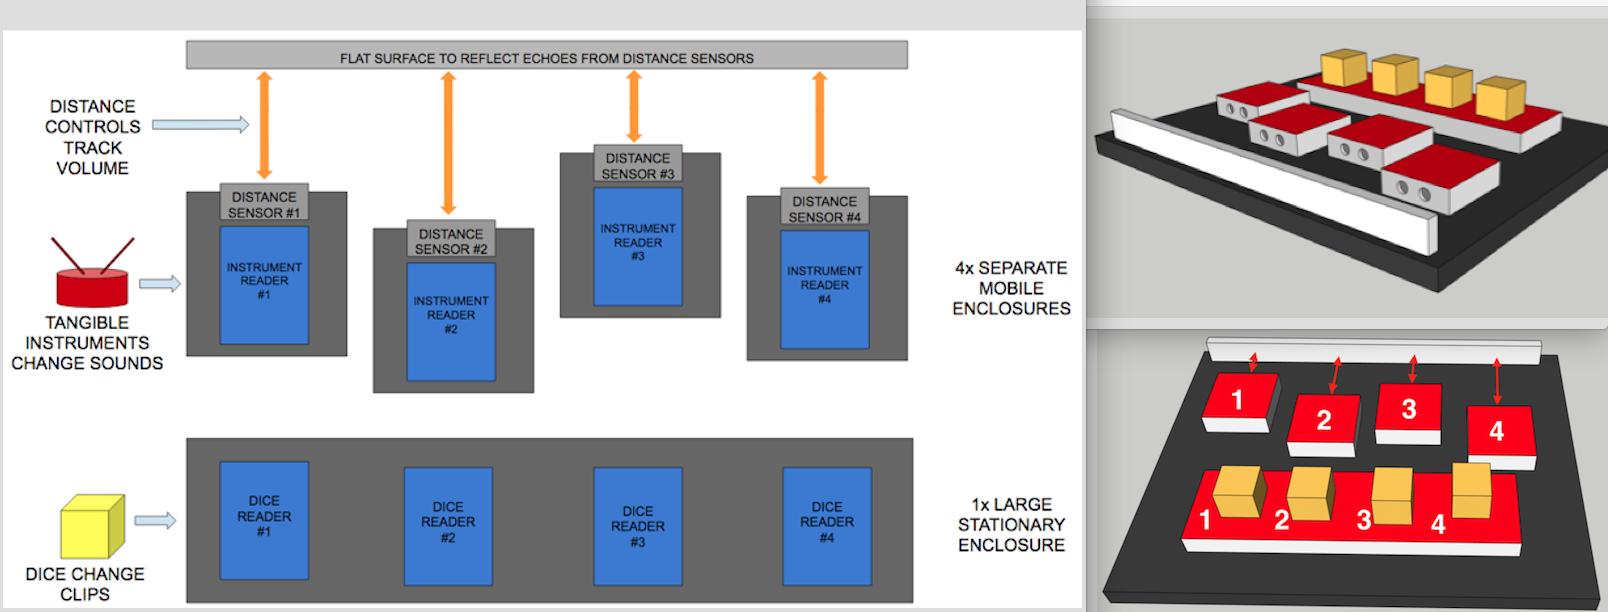 Digital drawings of of final design